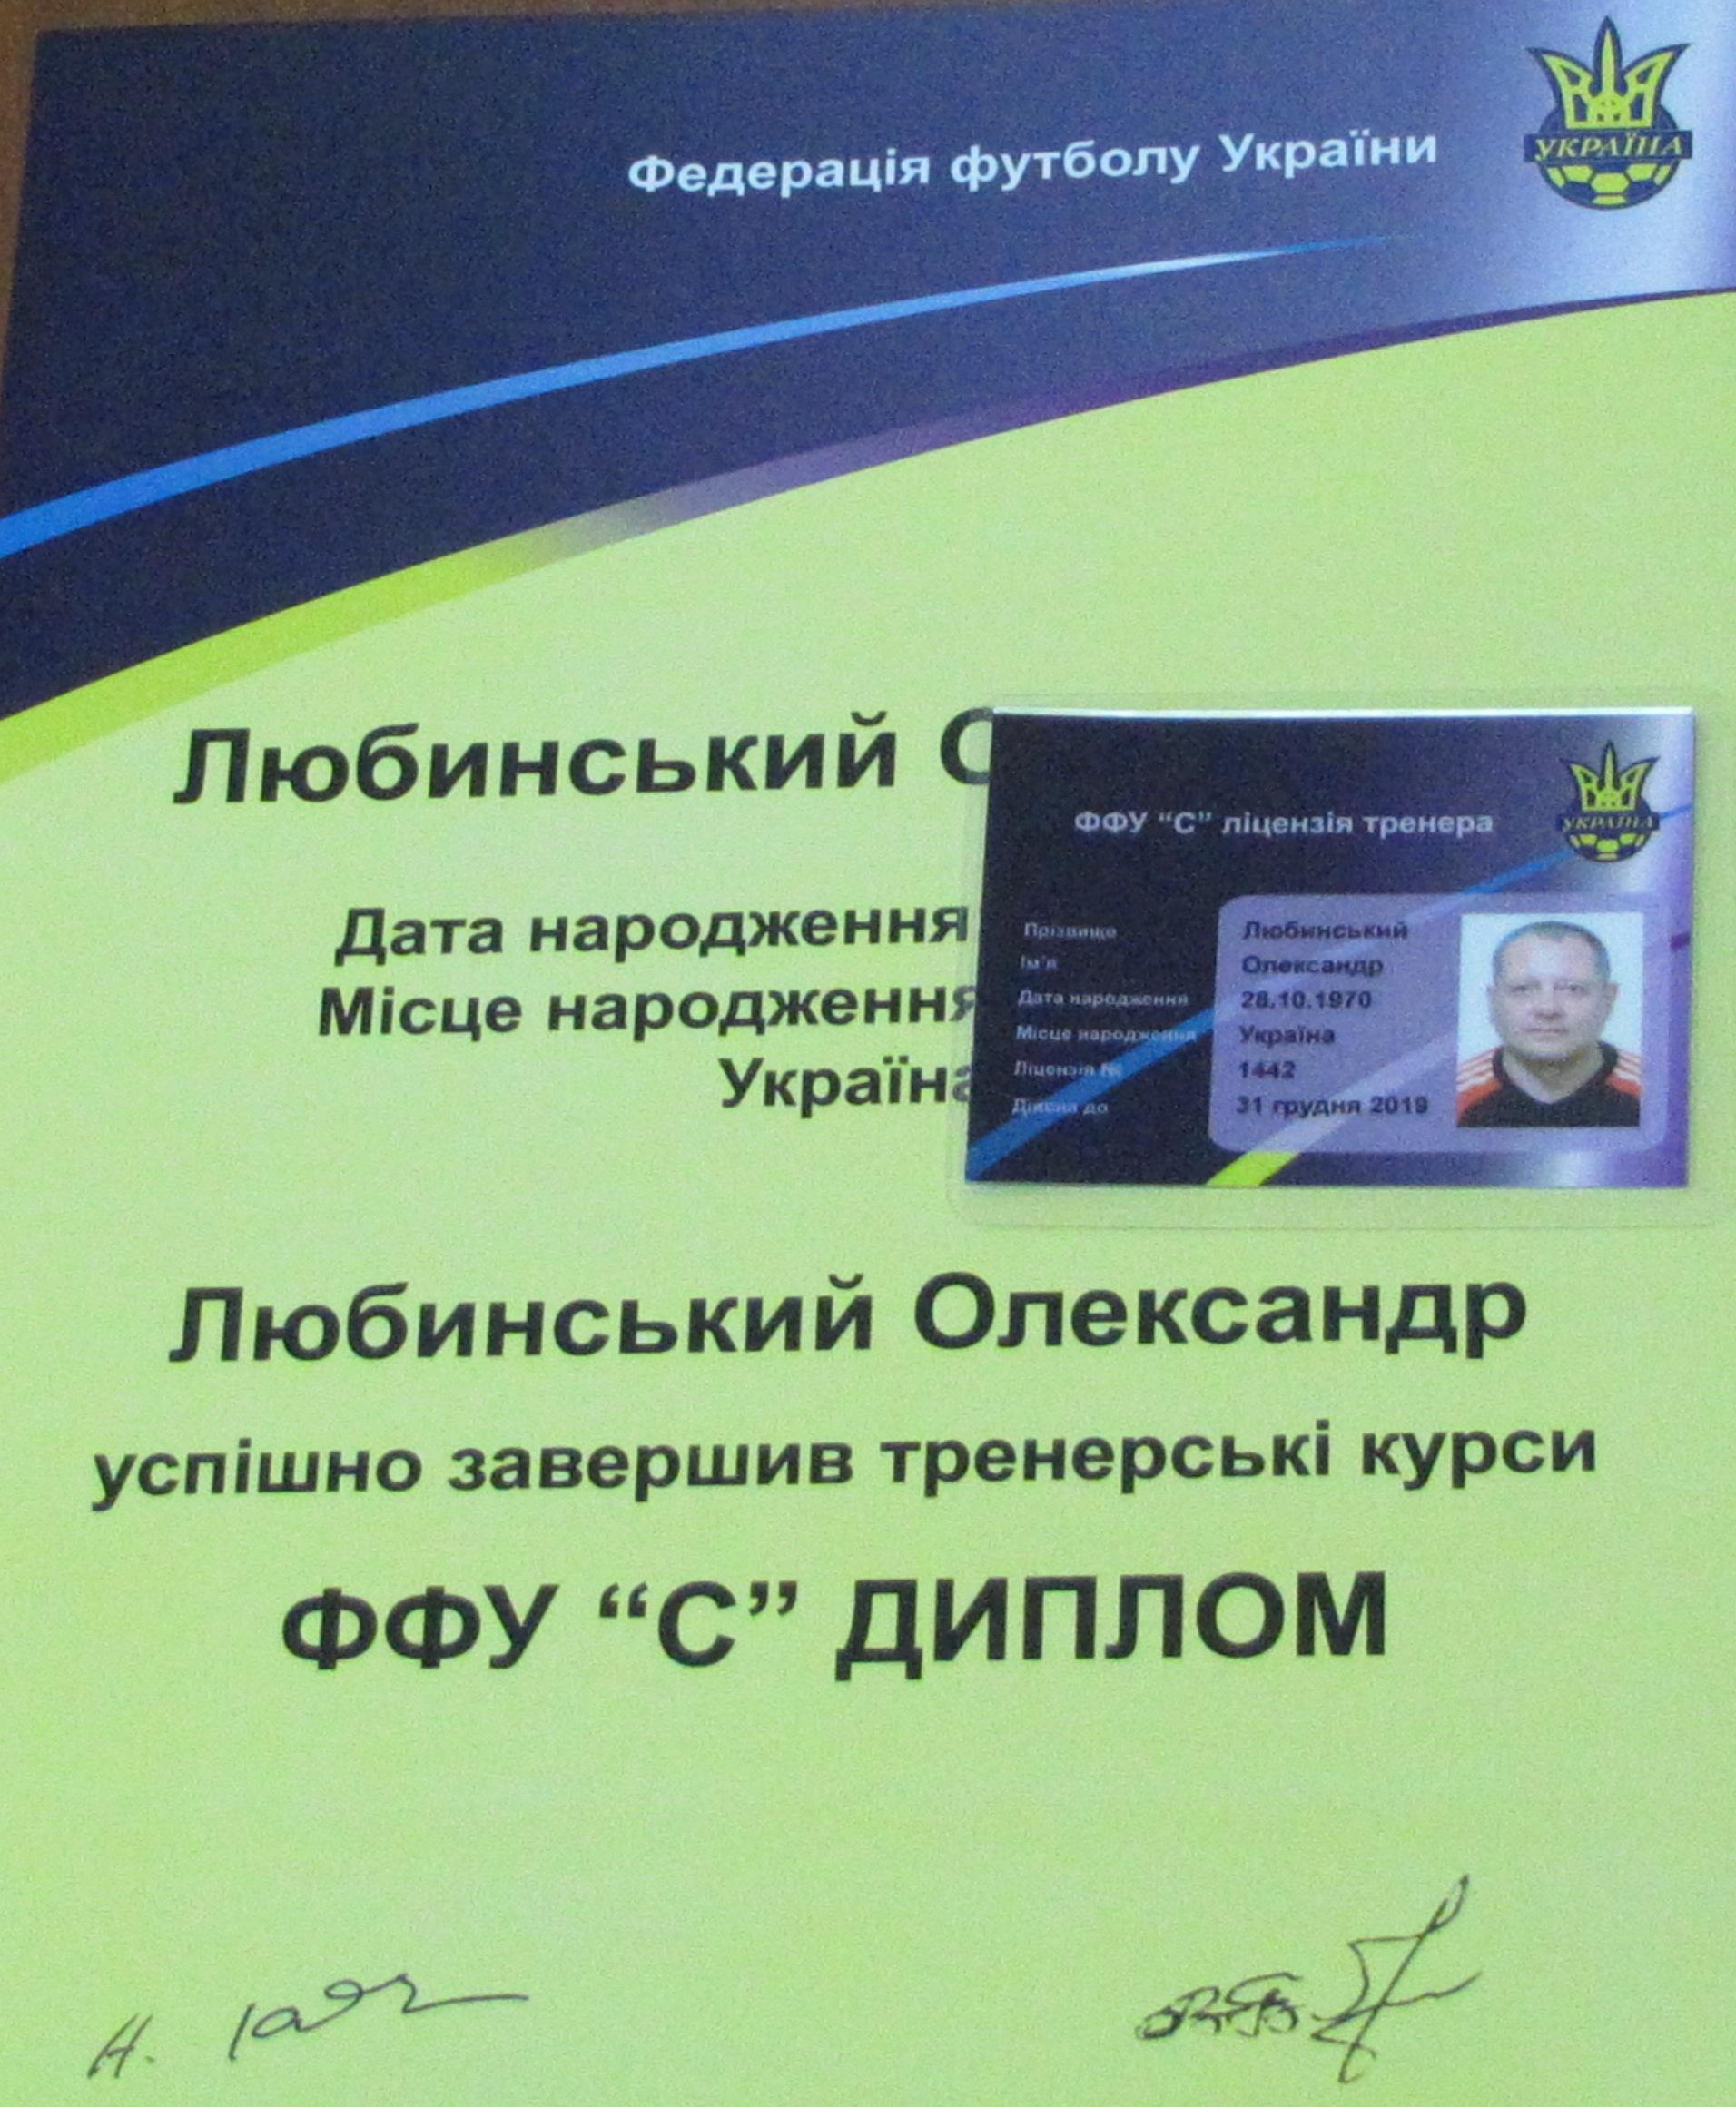 Набір слухачів на отримання «С»-диплома ФФУ